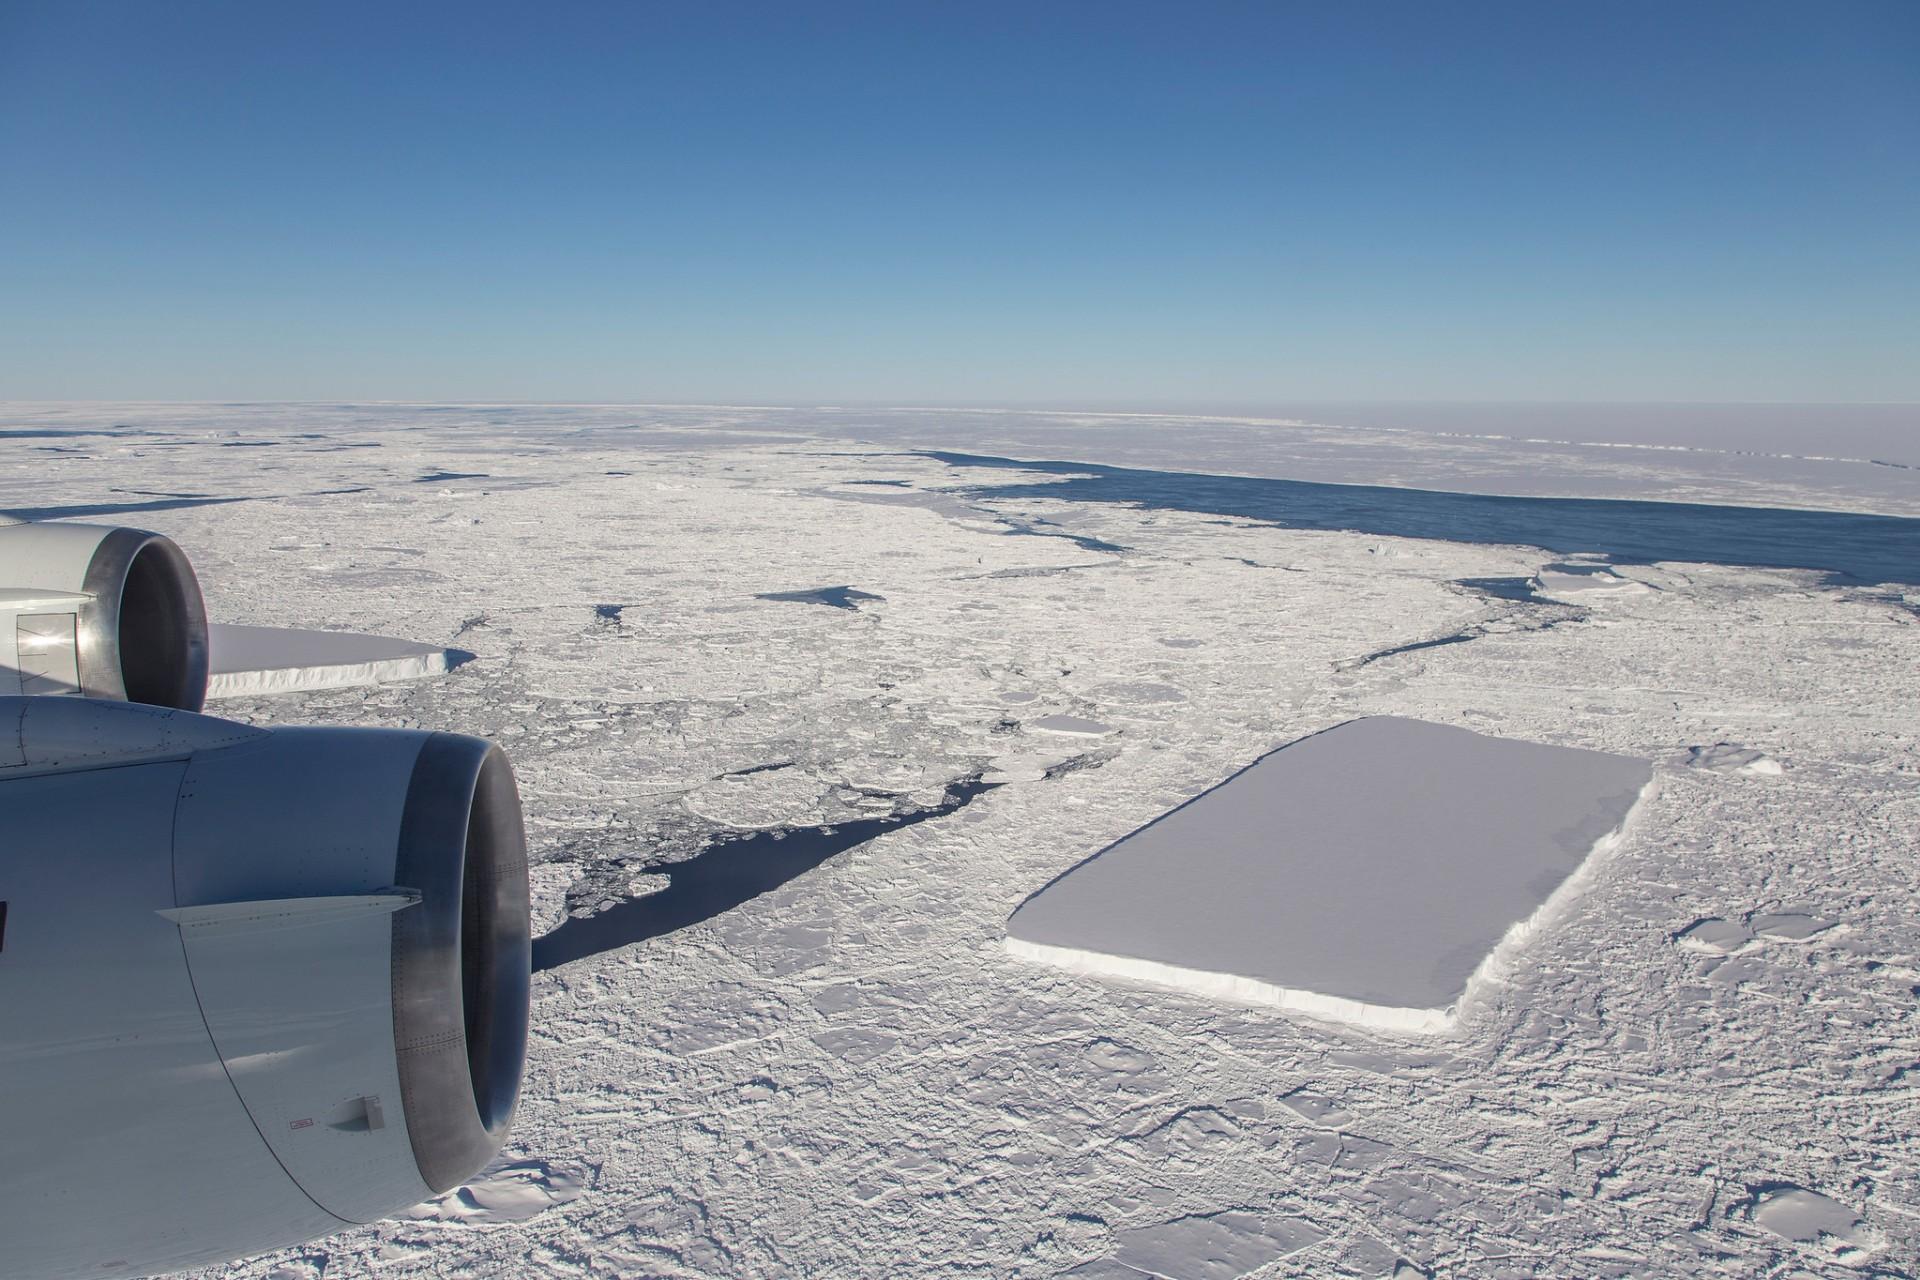 Ученые из NASA показали больше фото странного прямоугольного айсберга